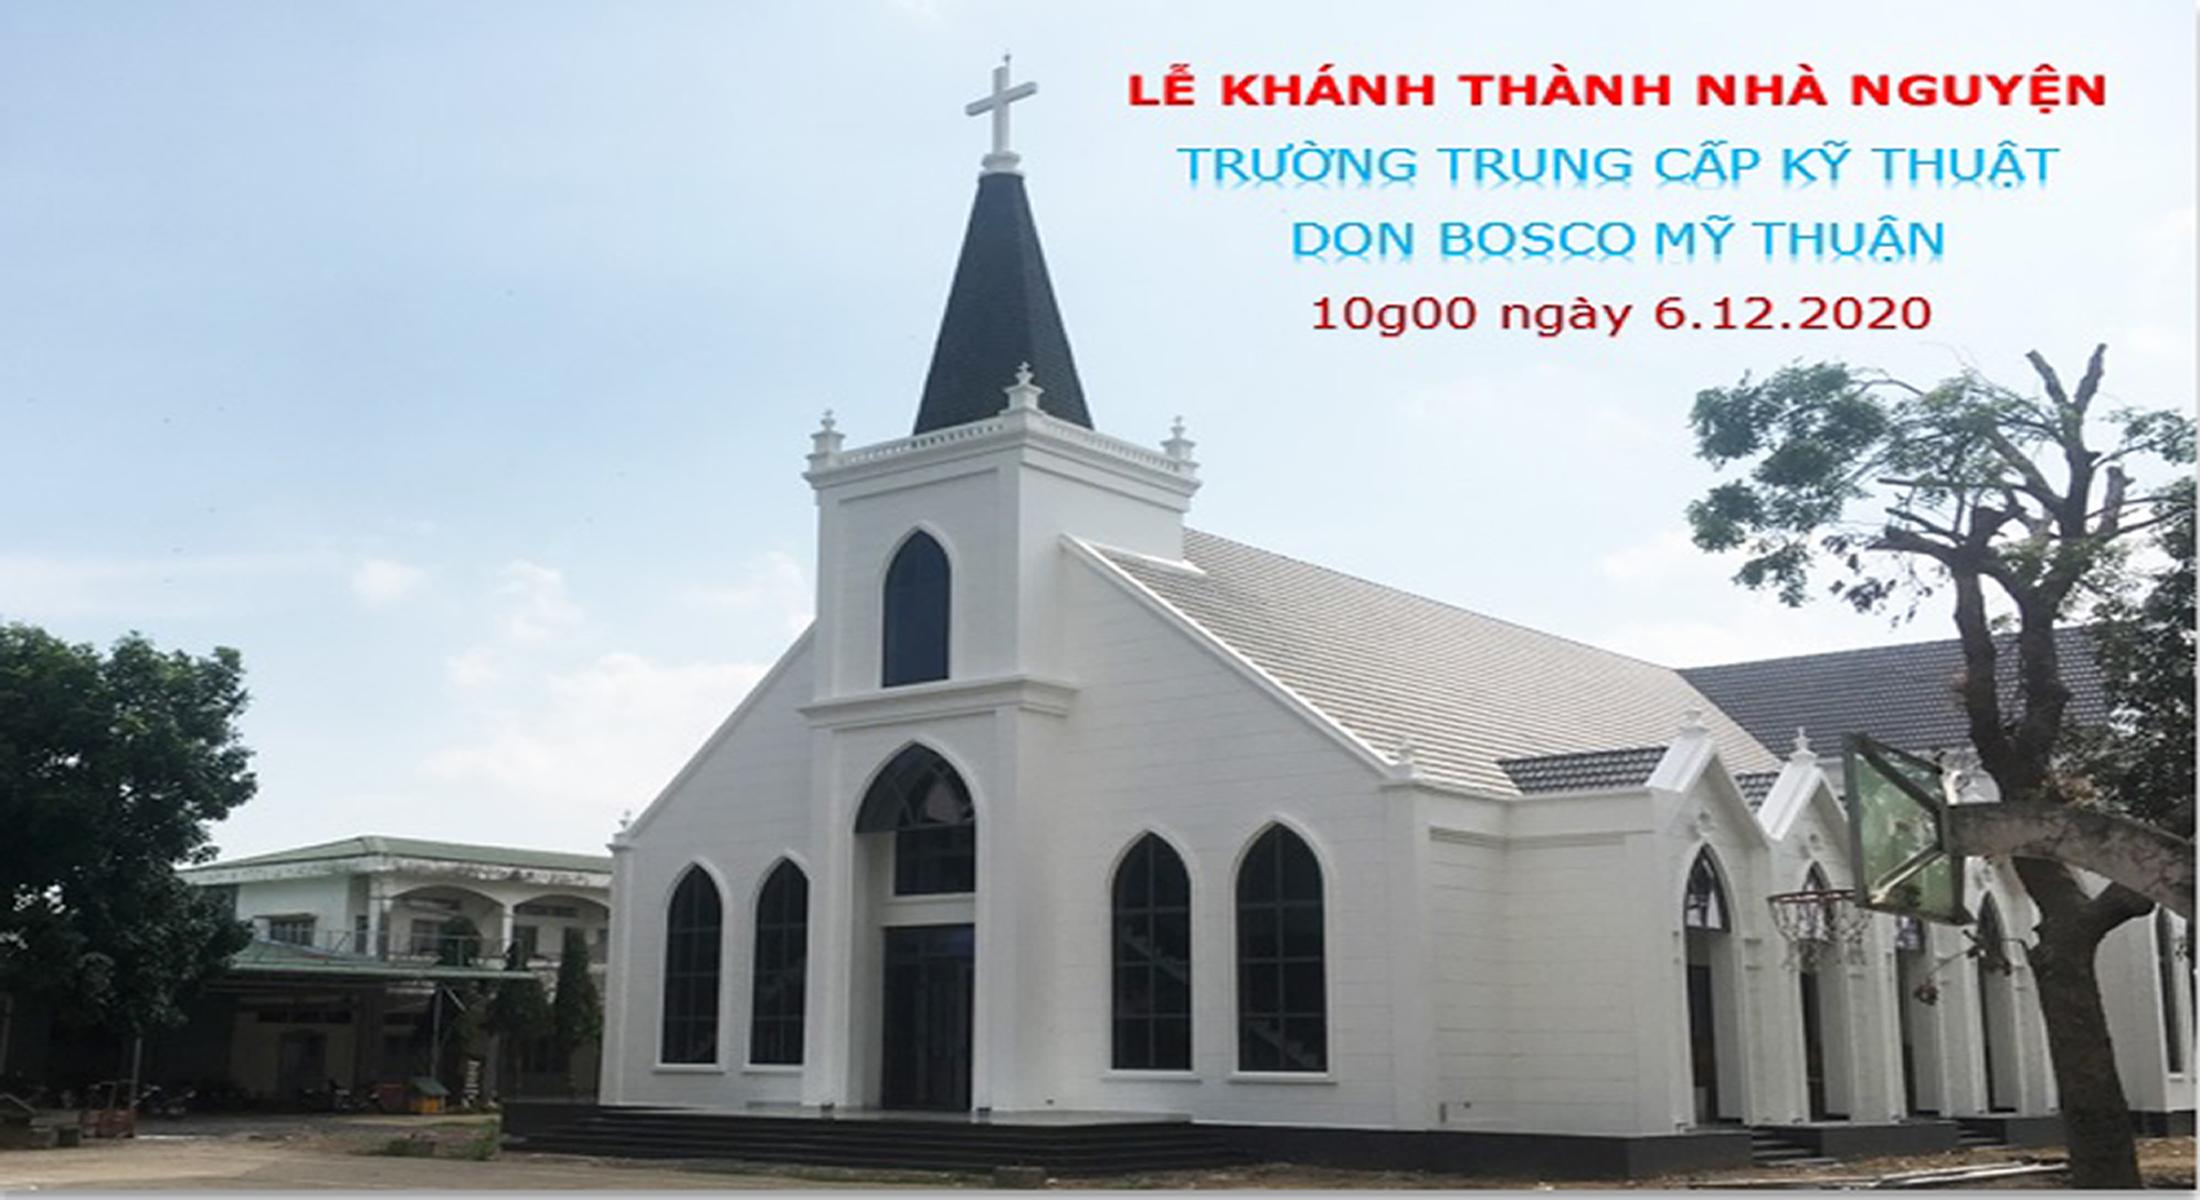 Thánh Lễ Khánh Thành Nhà Nguyện Trường Trung Cấp Kỹ Thuật Don Bosco Mỹ Thuận